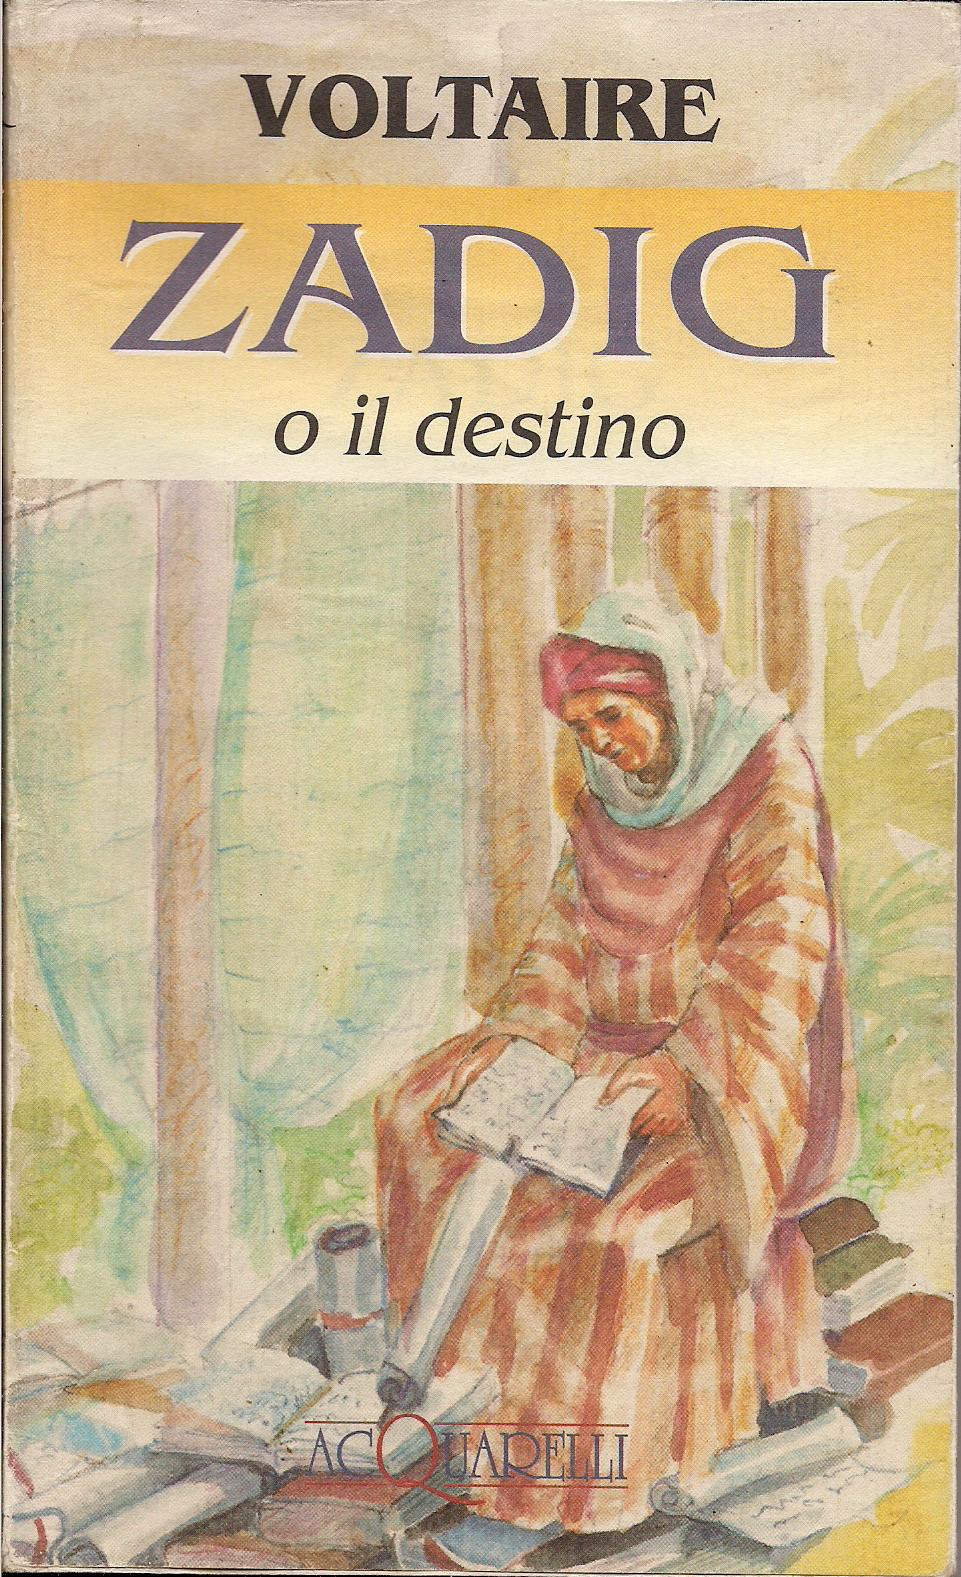 Zadig o il destino